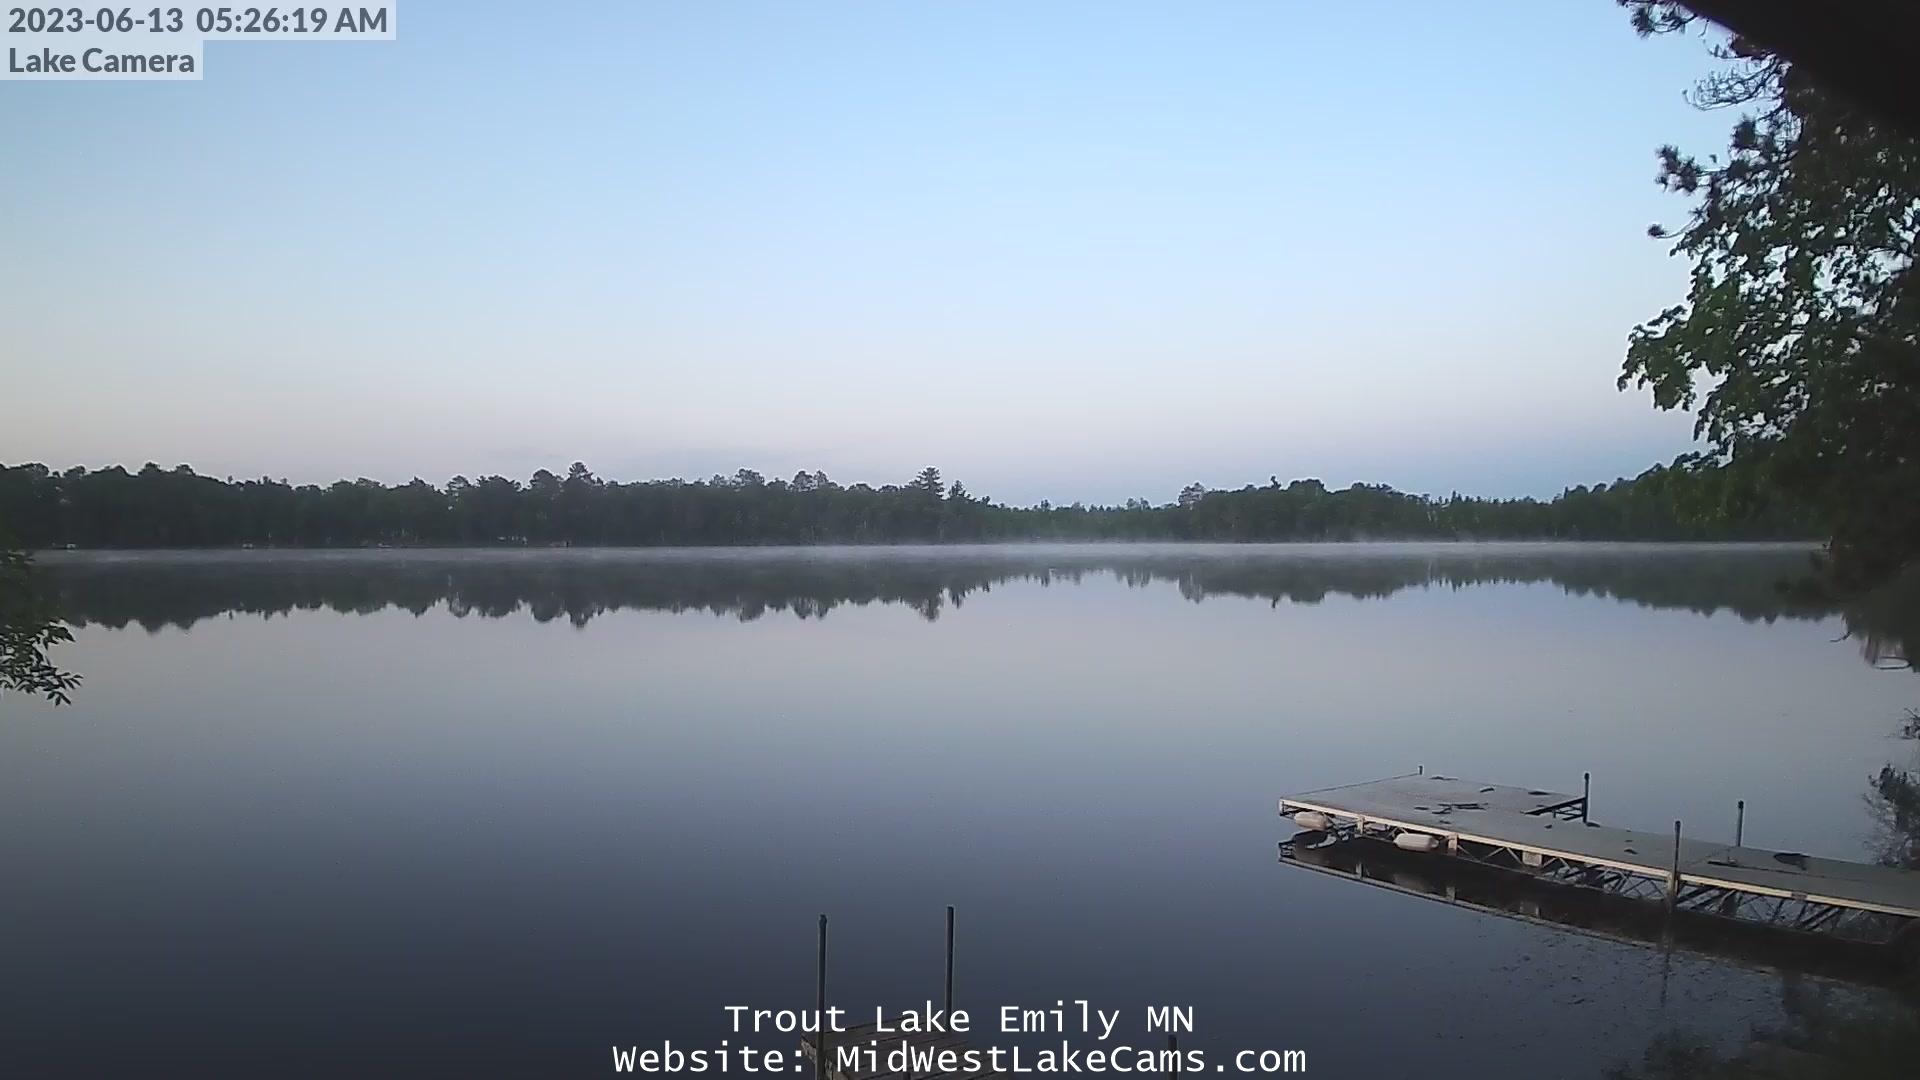 Trout Lake Emily, MN